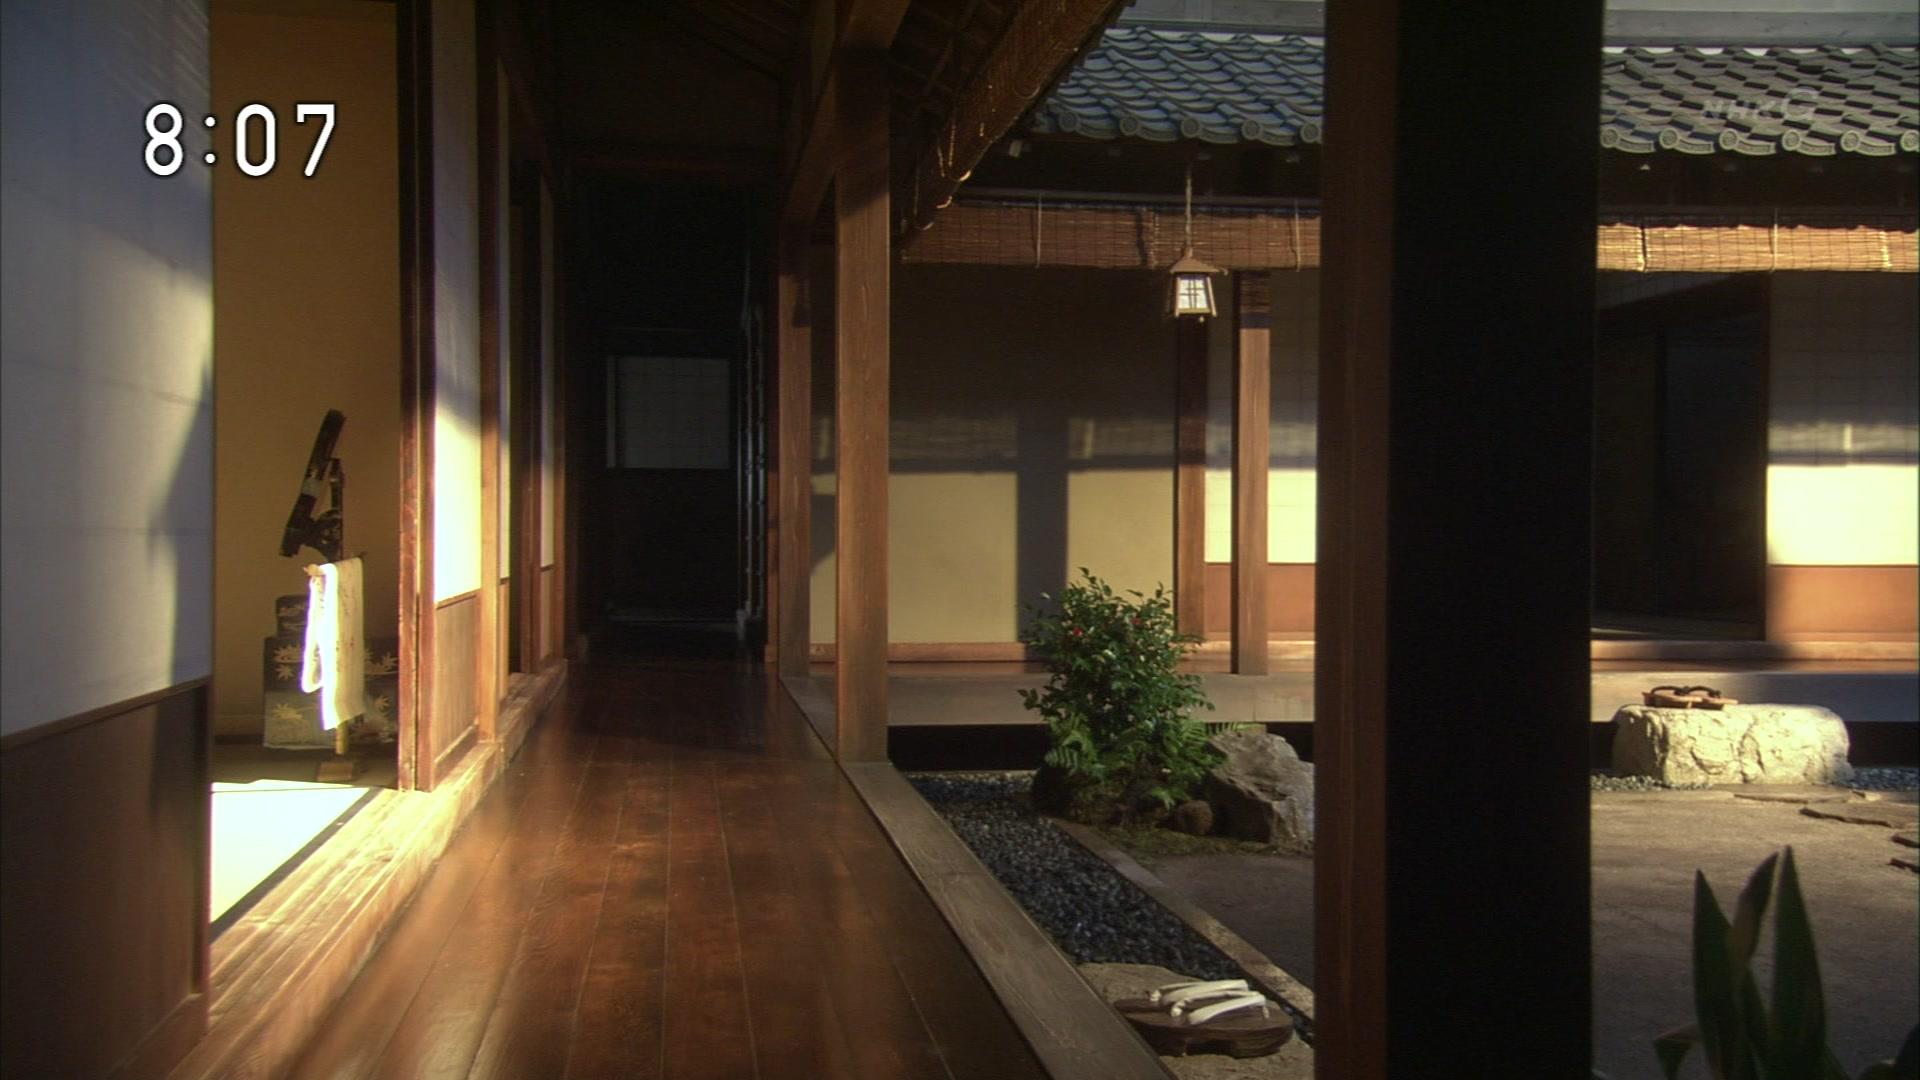 2015-10-09 08:00 連続テレビ小説 あさが来た(11)「ふたつの花びら」 1333